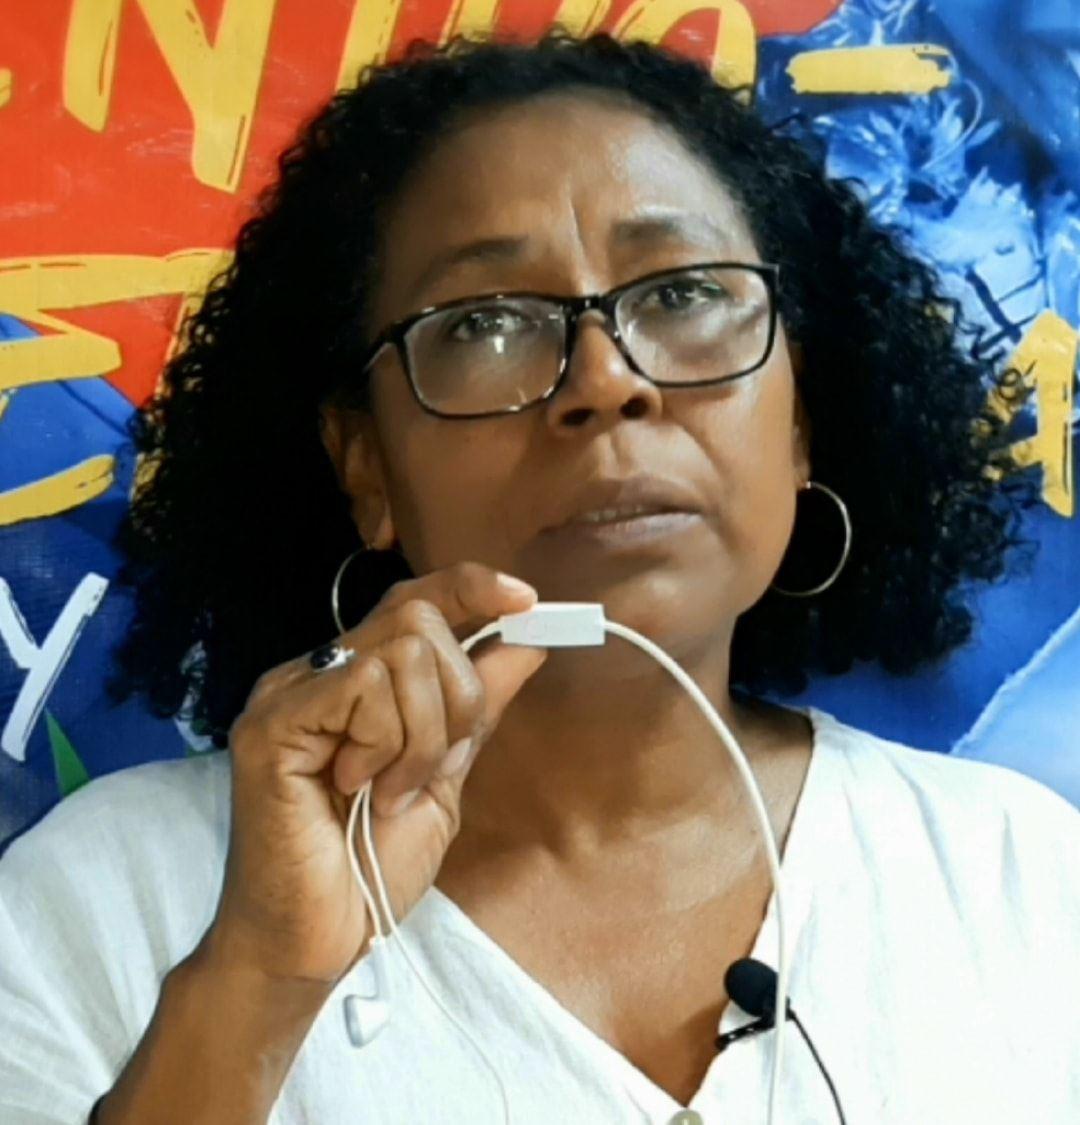 URACCAN gradúa 17 médicos generales interculturales Managua. Por Douglas Midence/Radio La Primerísima